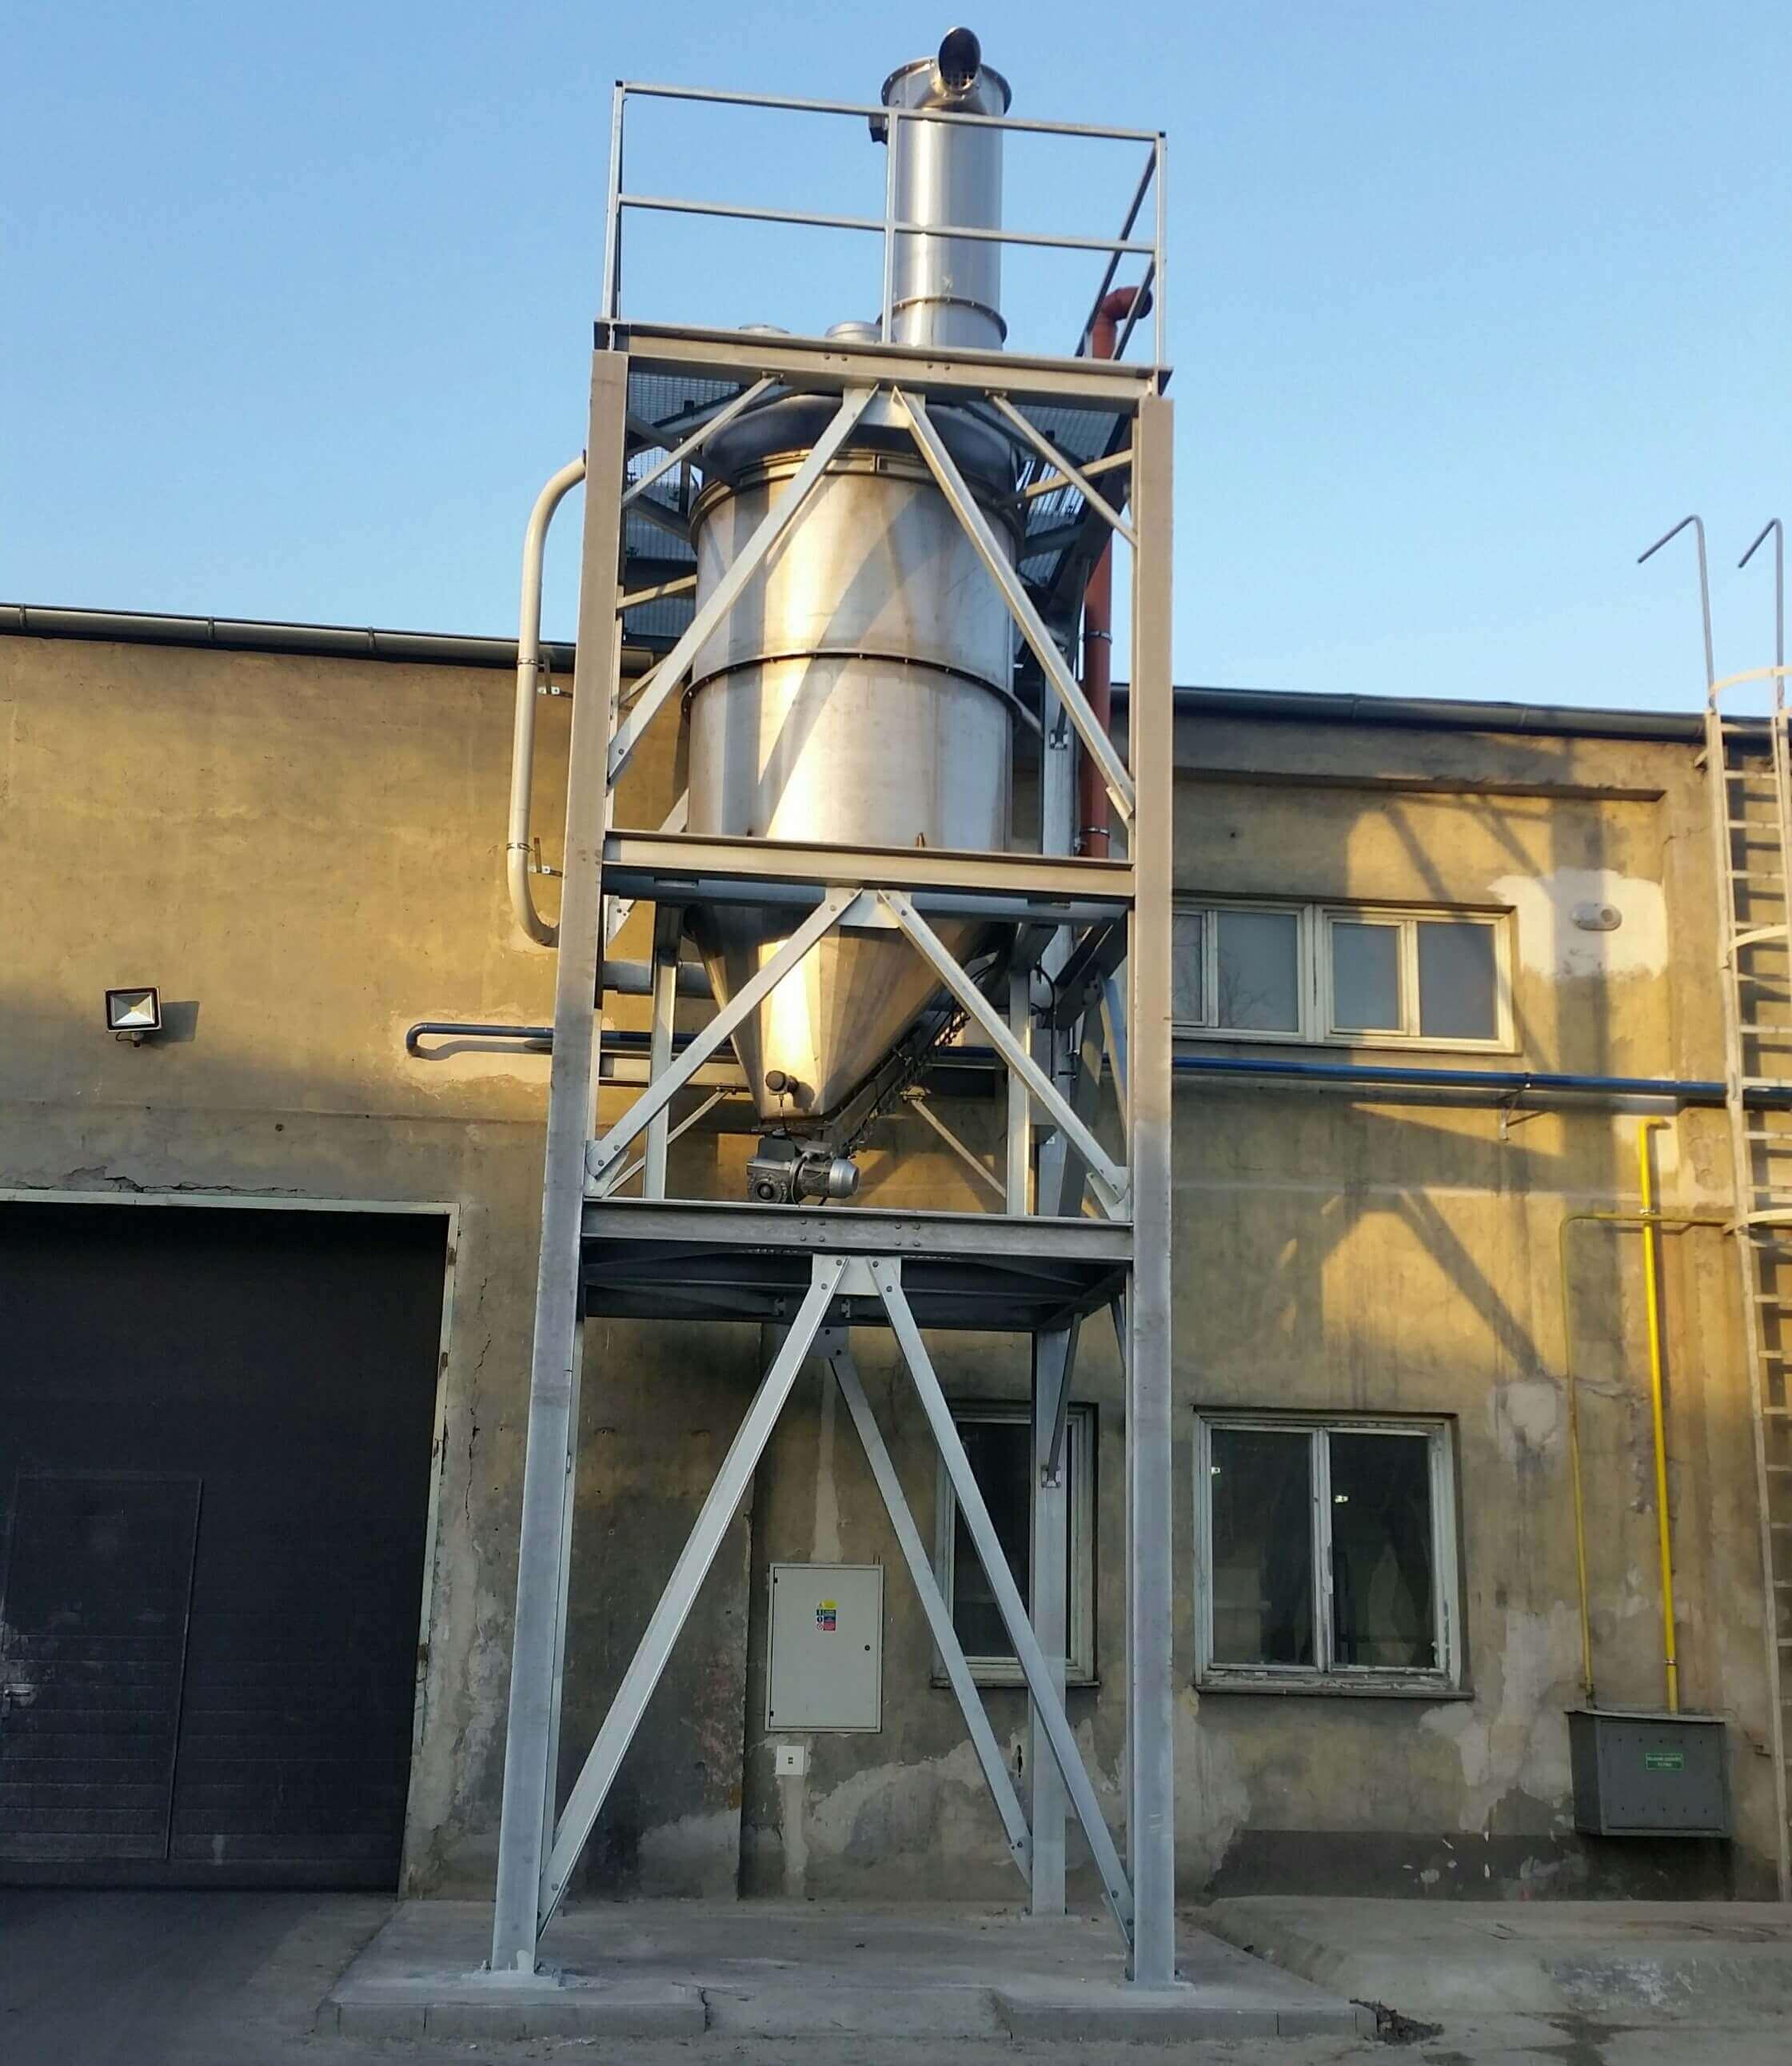 filtros-de-ventilacao-em-silos-4